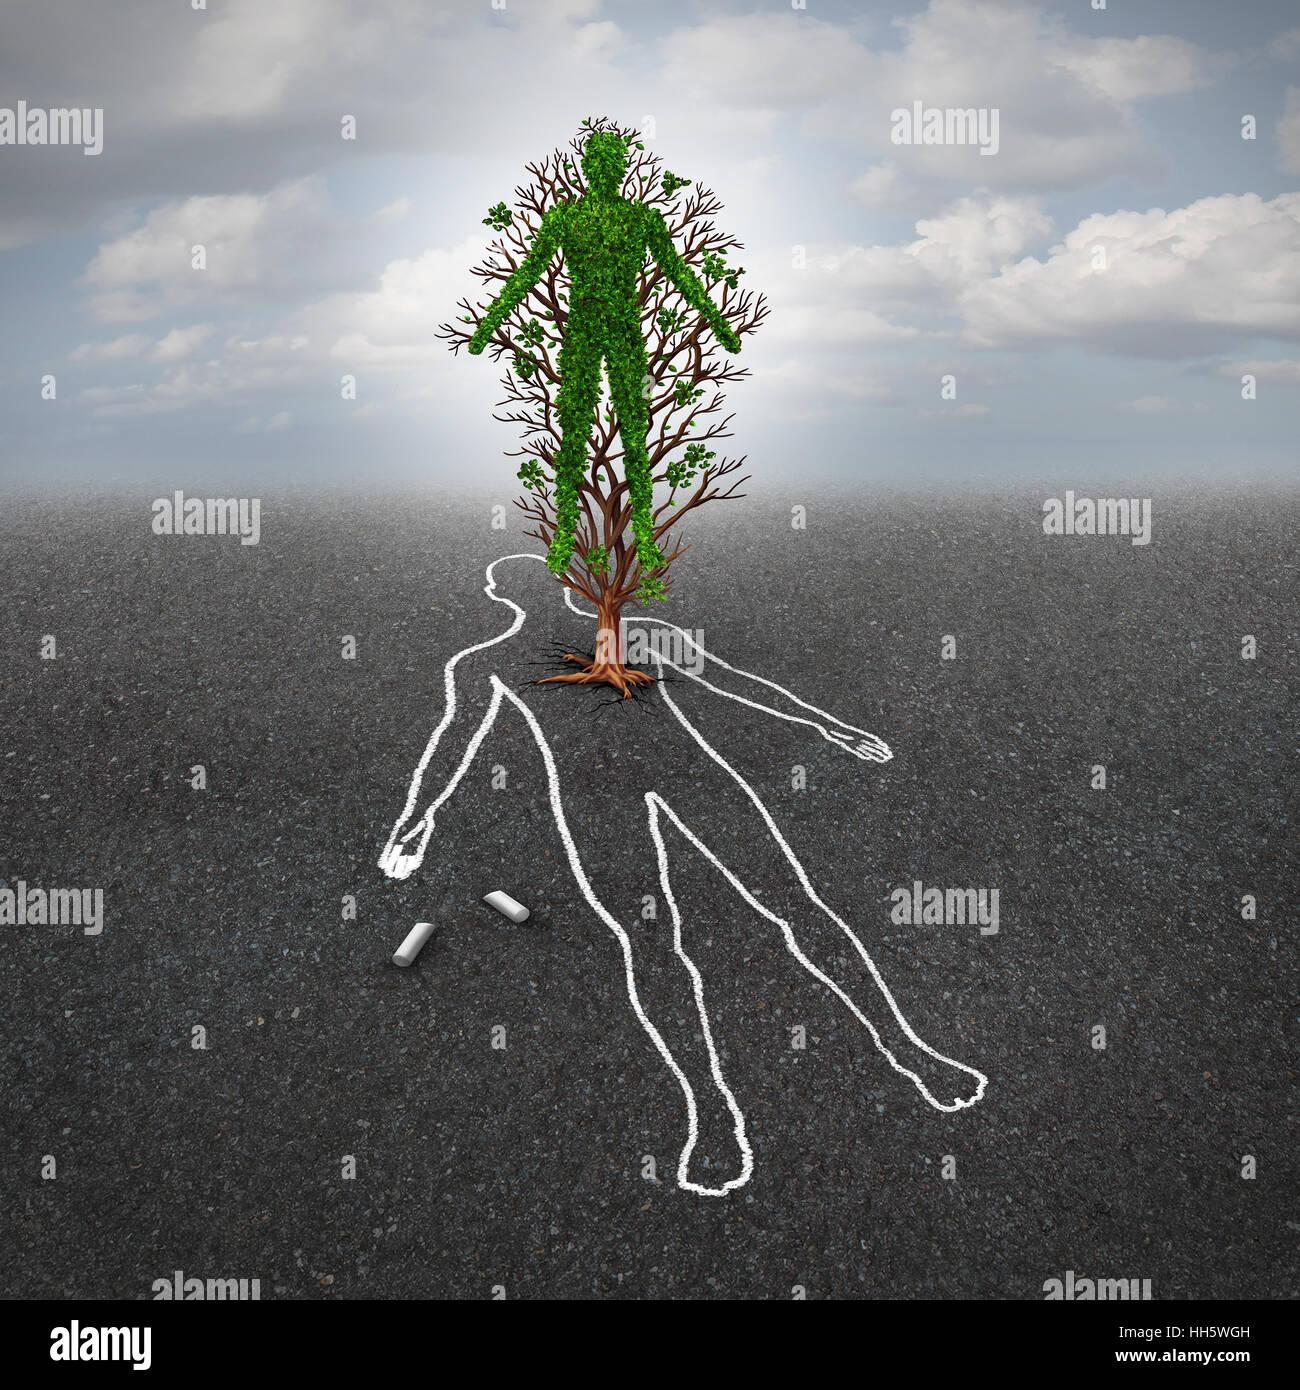 La vita dopo la morte del concetto e aldilà del simbolo o il rinnovo di speranza come metafora di un albero Immagini Stock